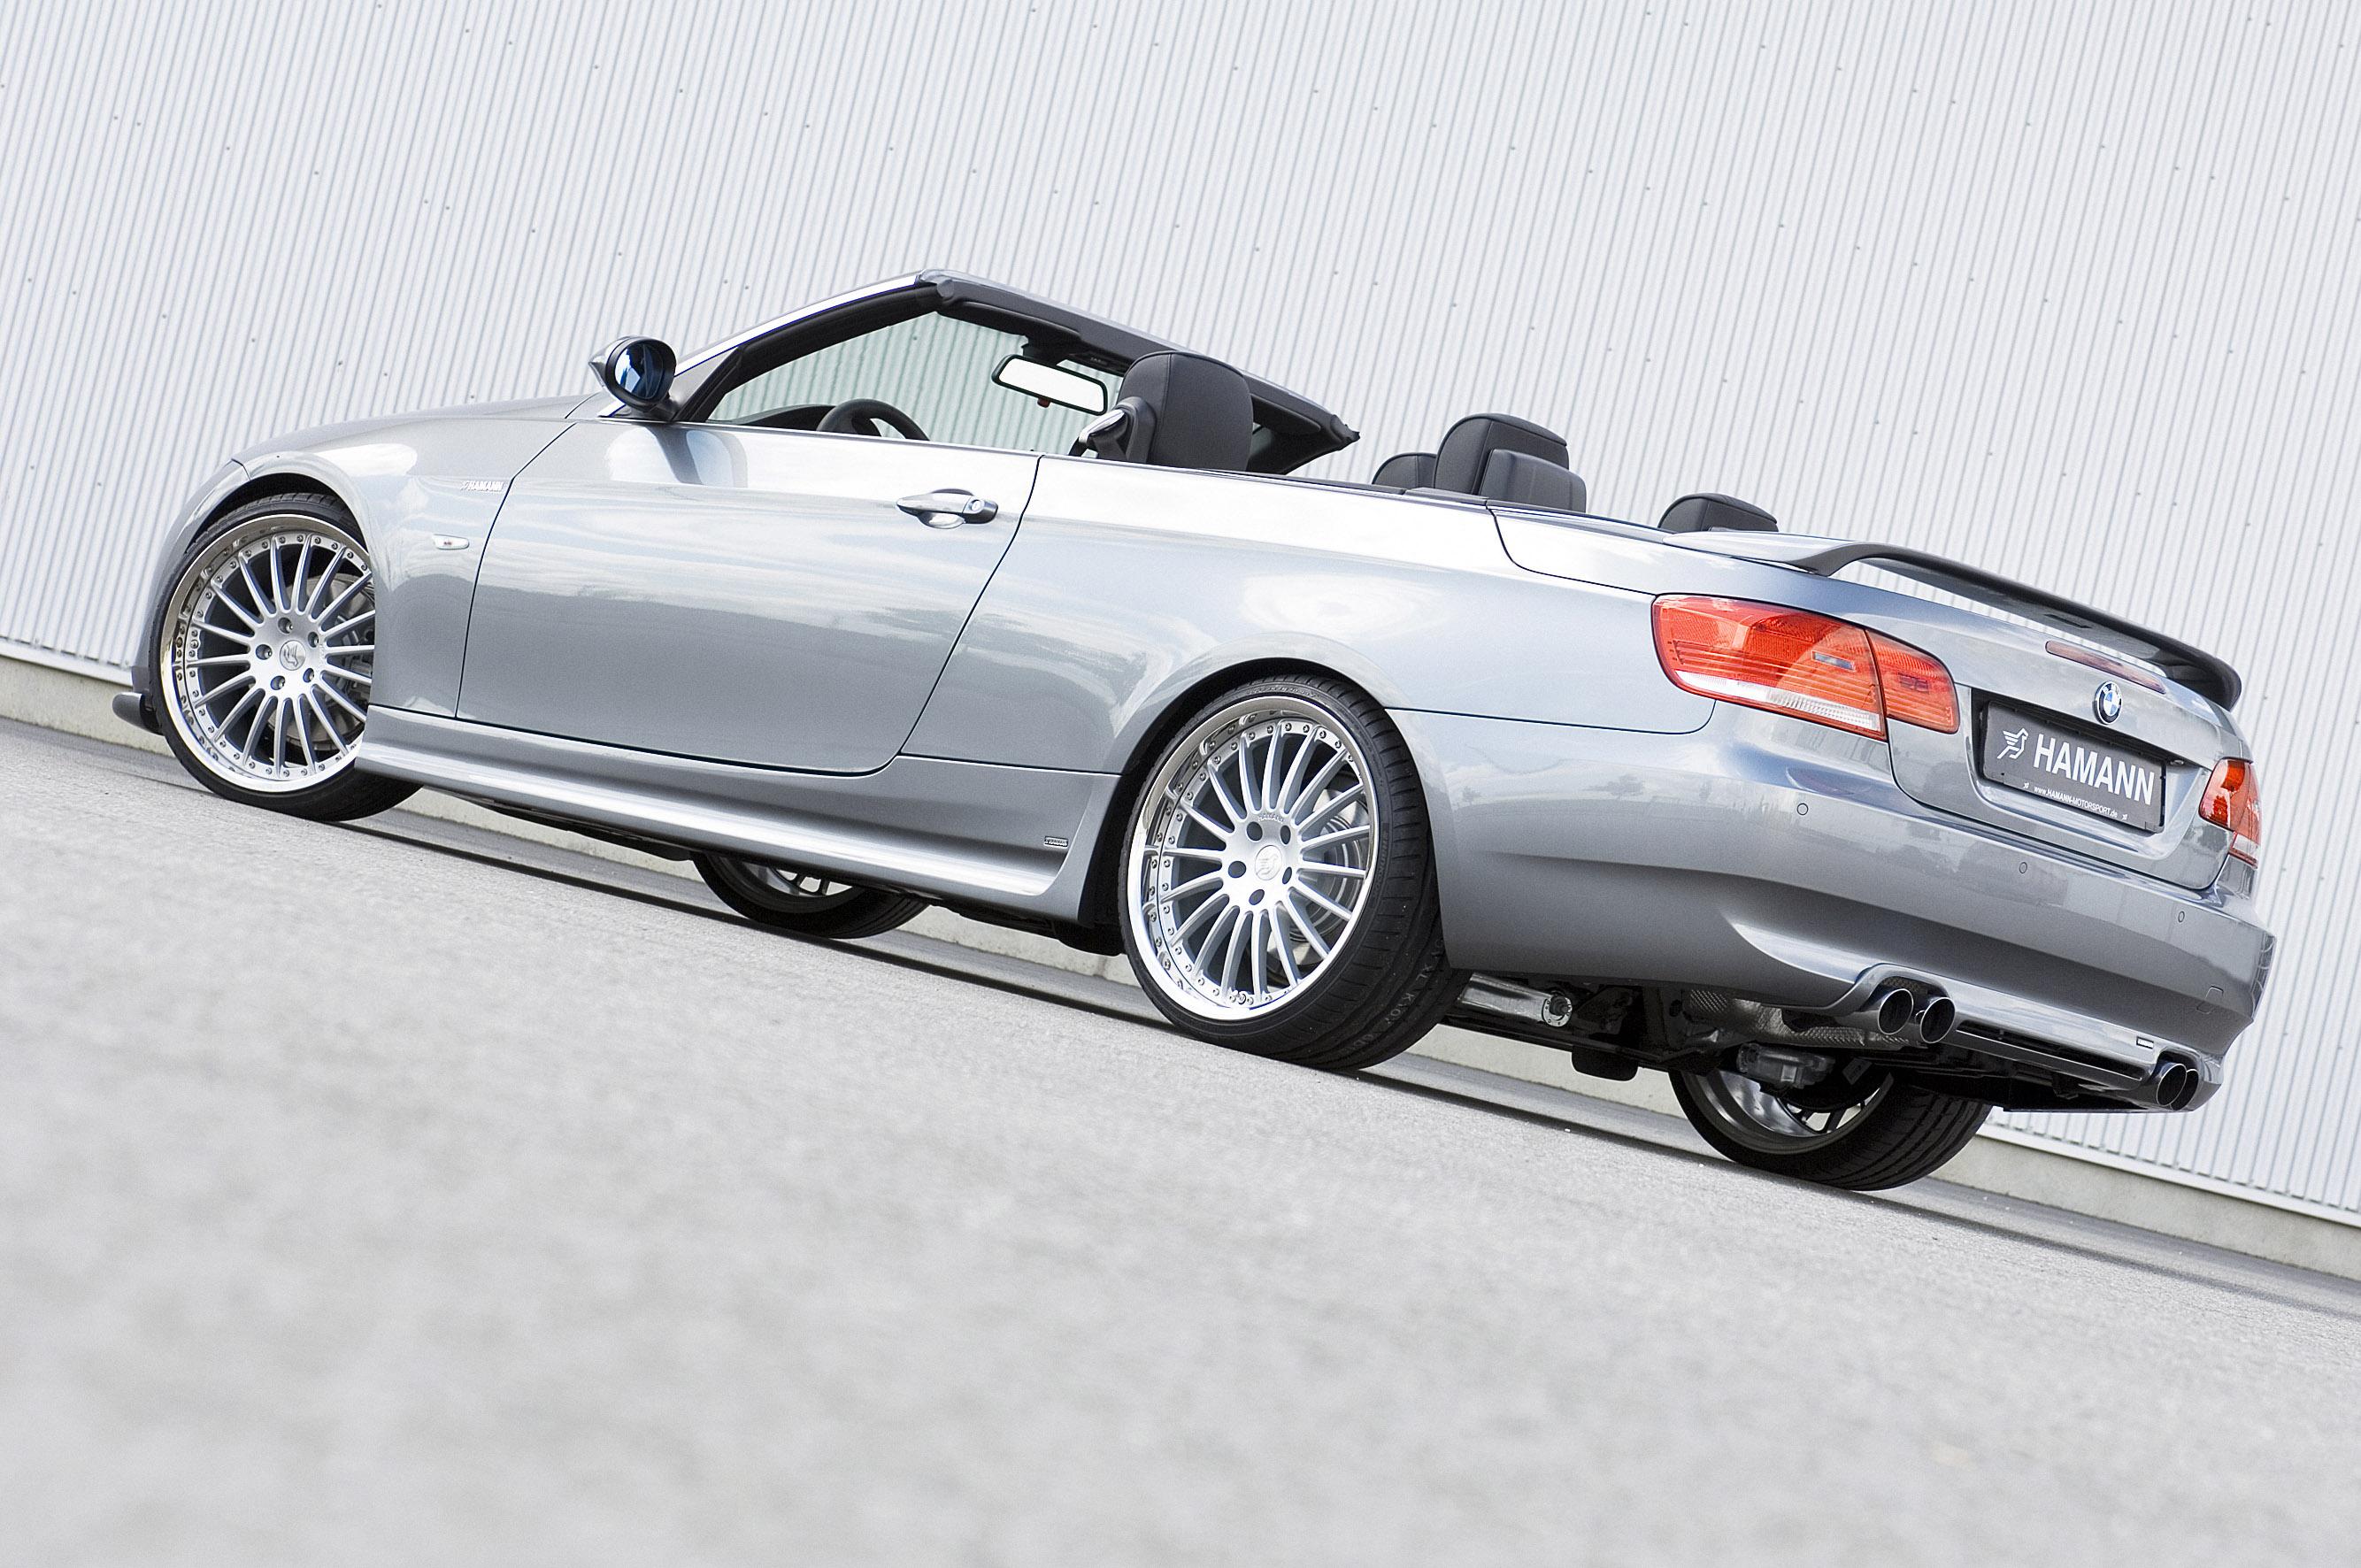 Hamann BMW 3er серии Cabrio - фотография №10